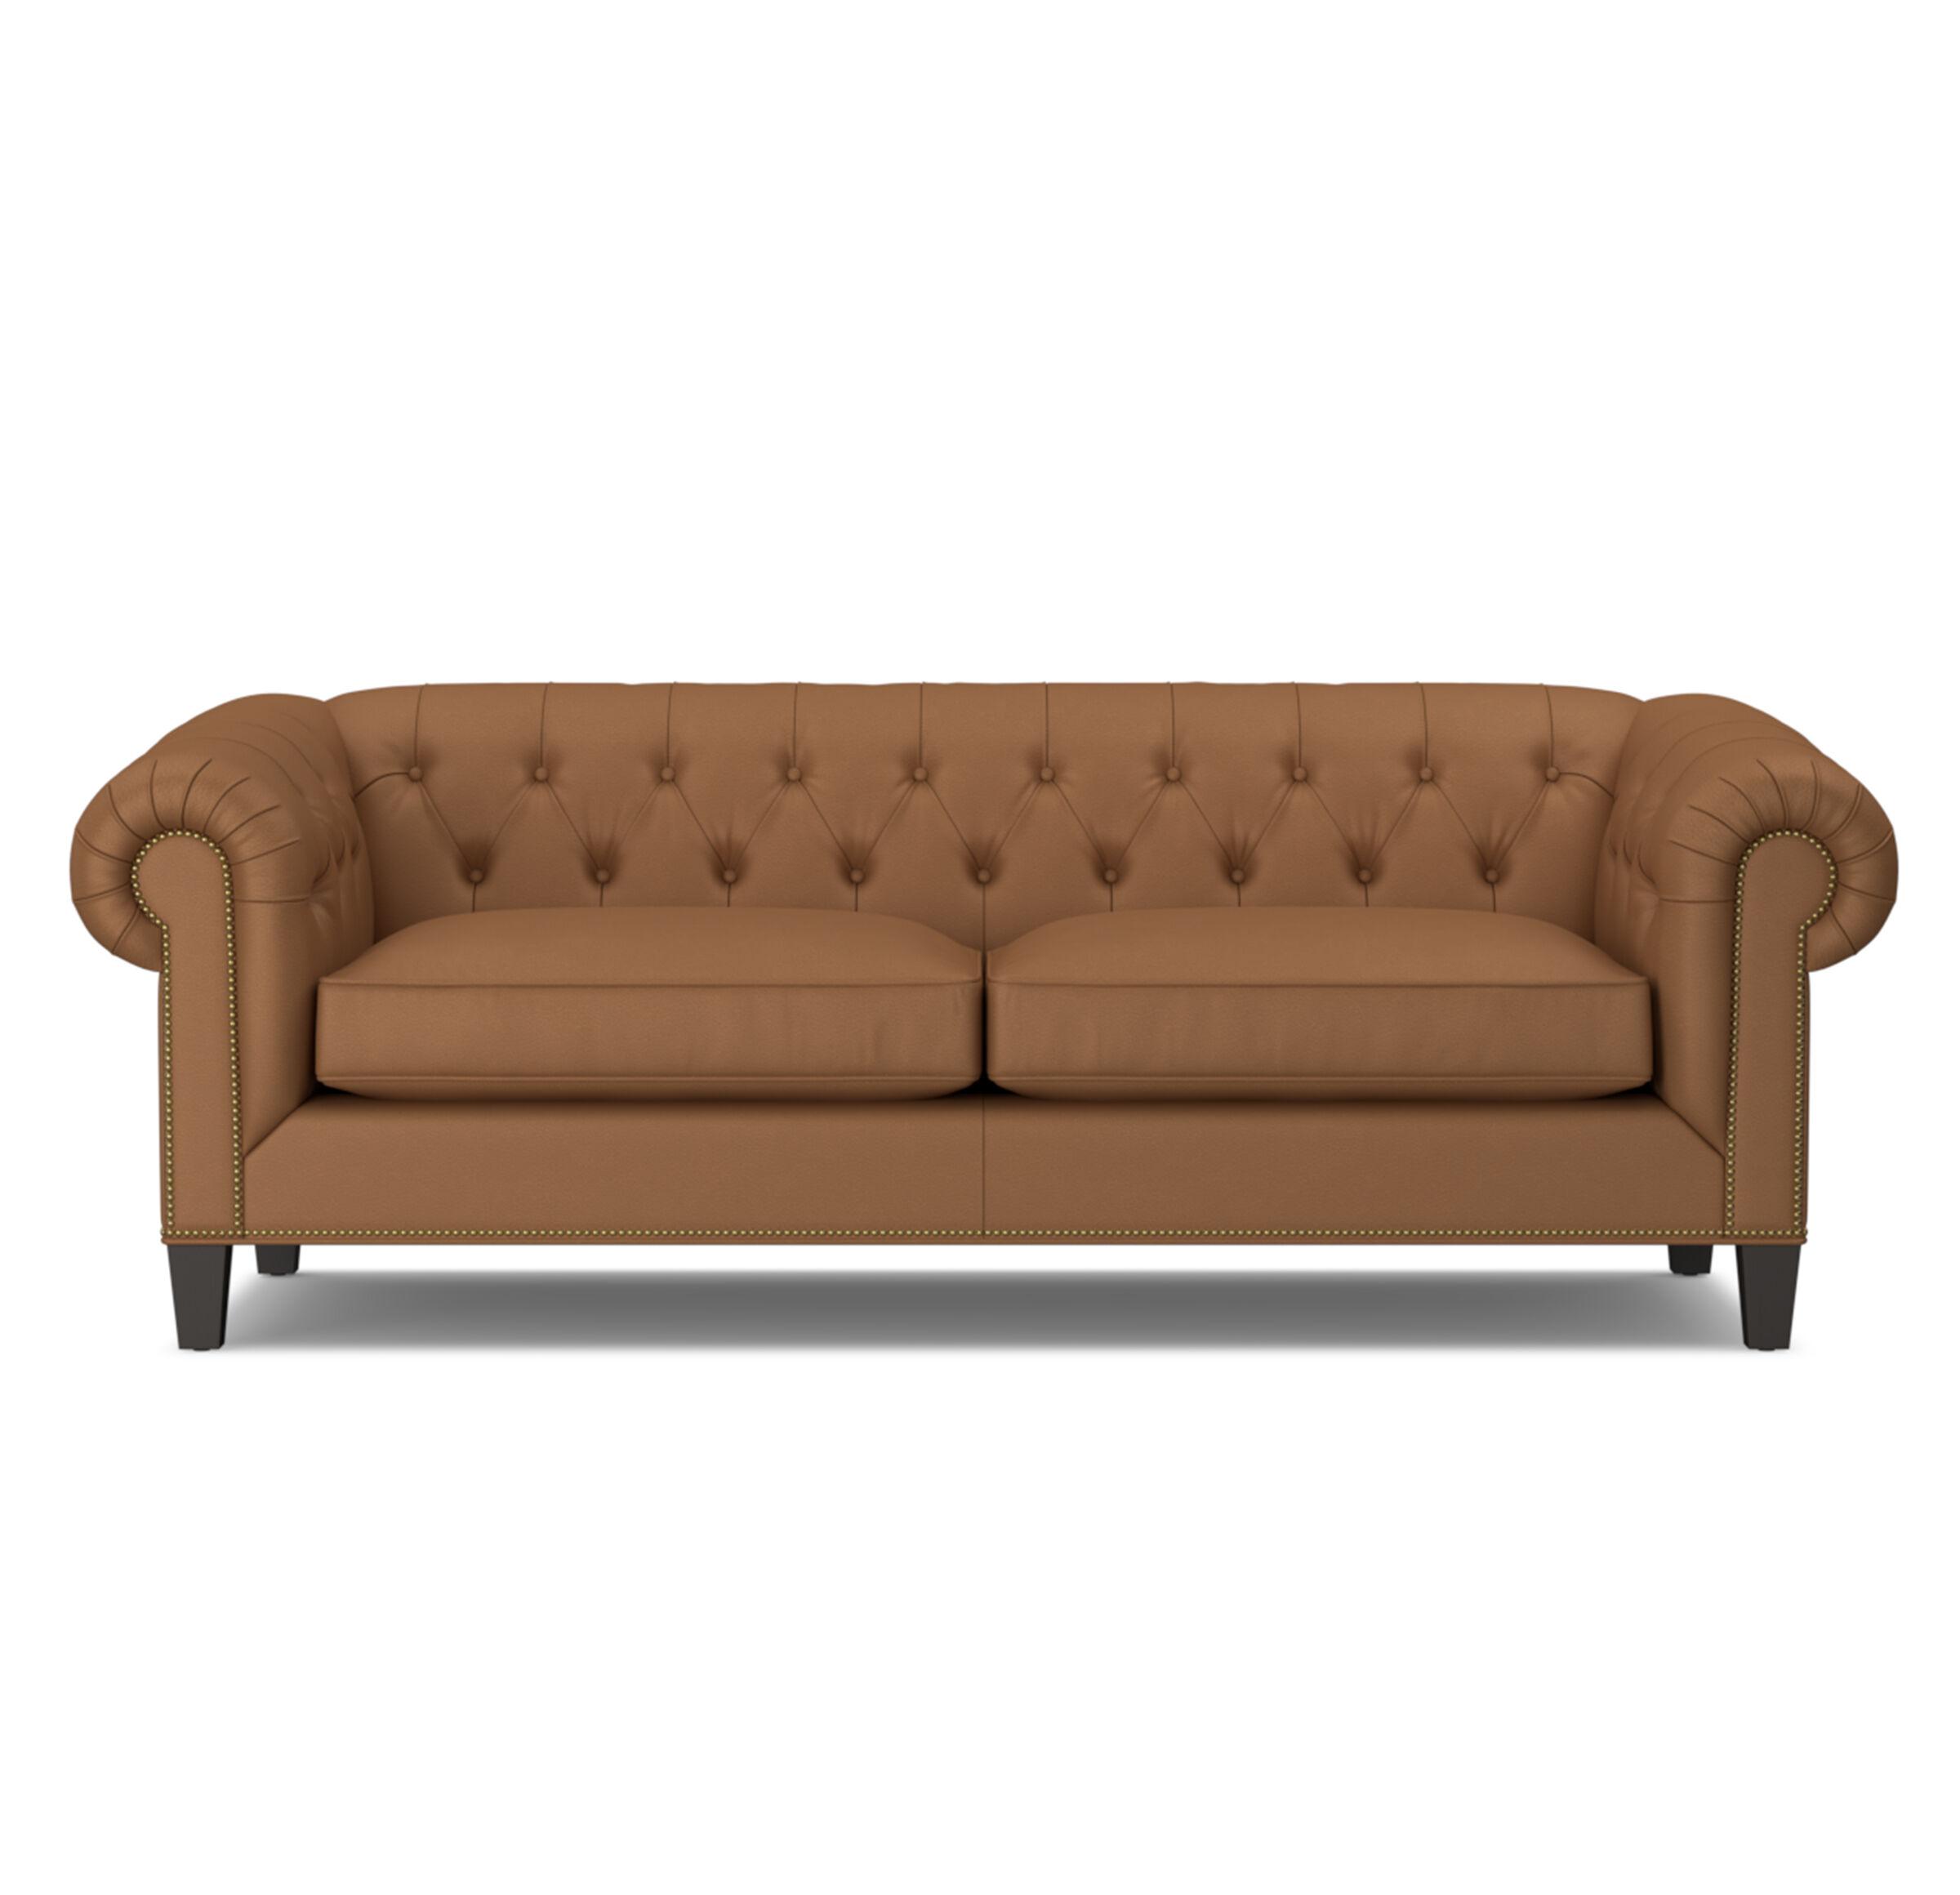 addison leather sofa with nailhead